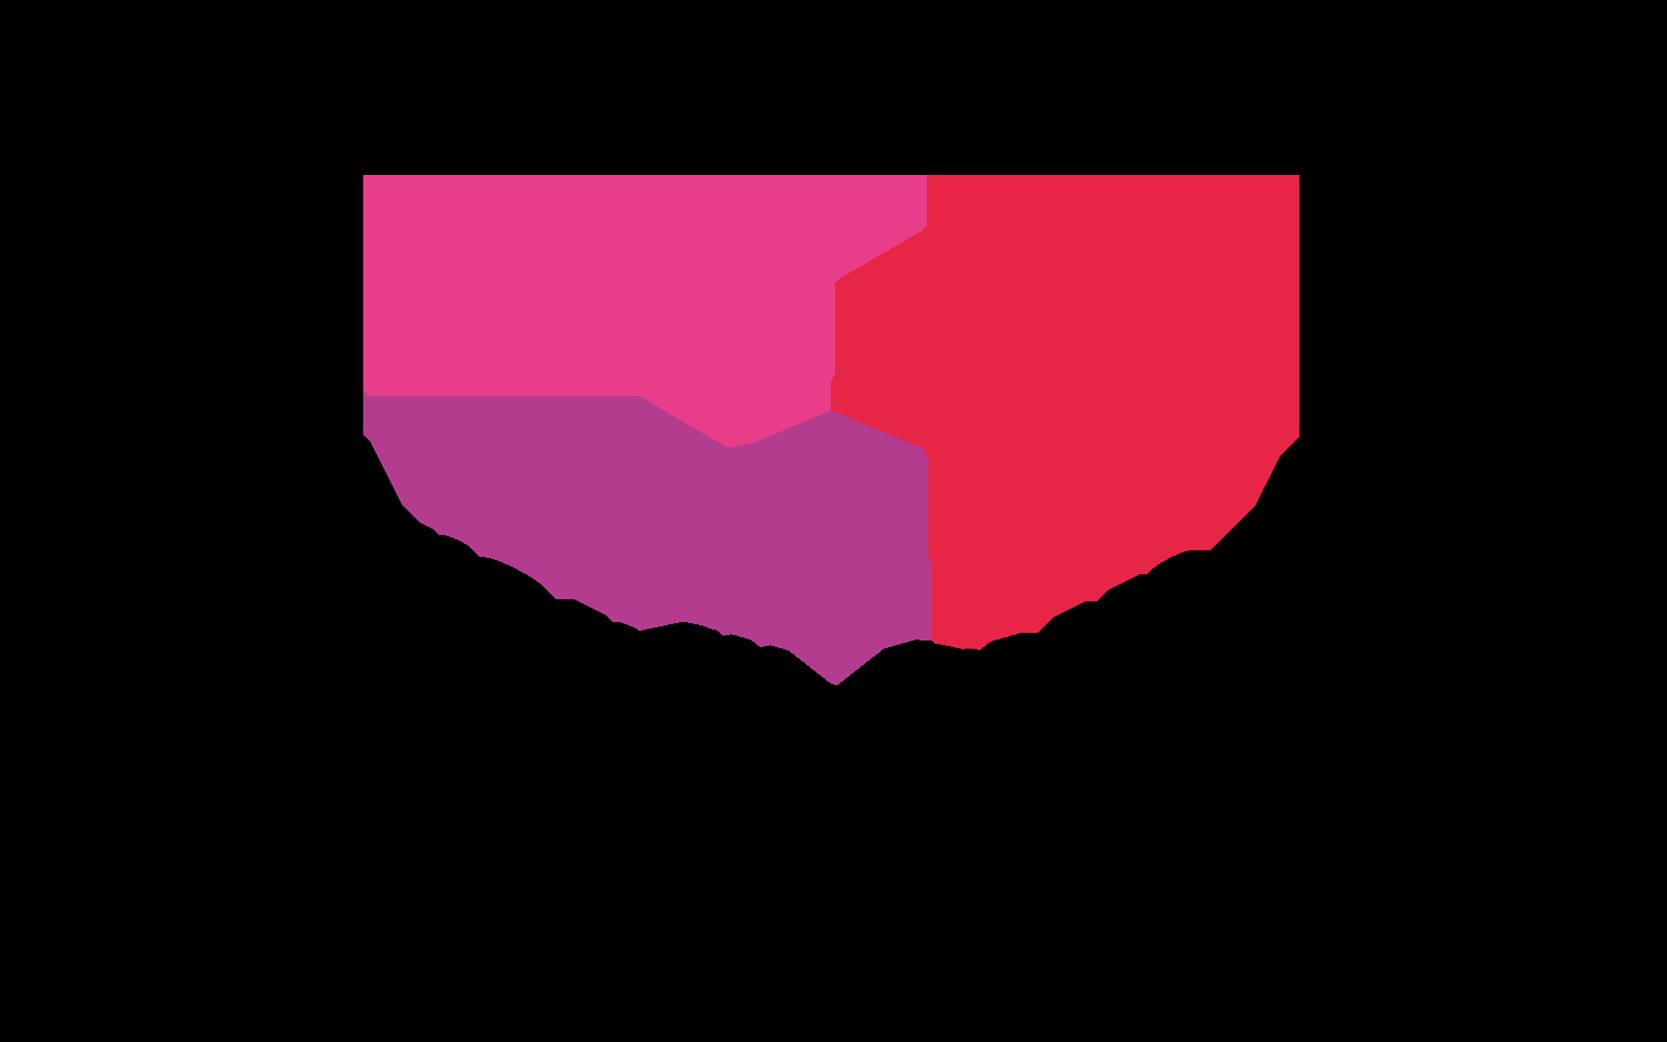 Lärarförbundets logotyp